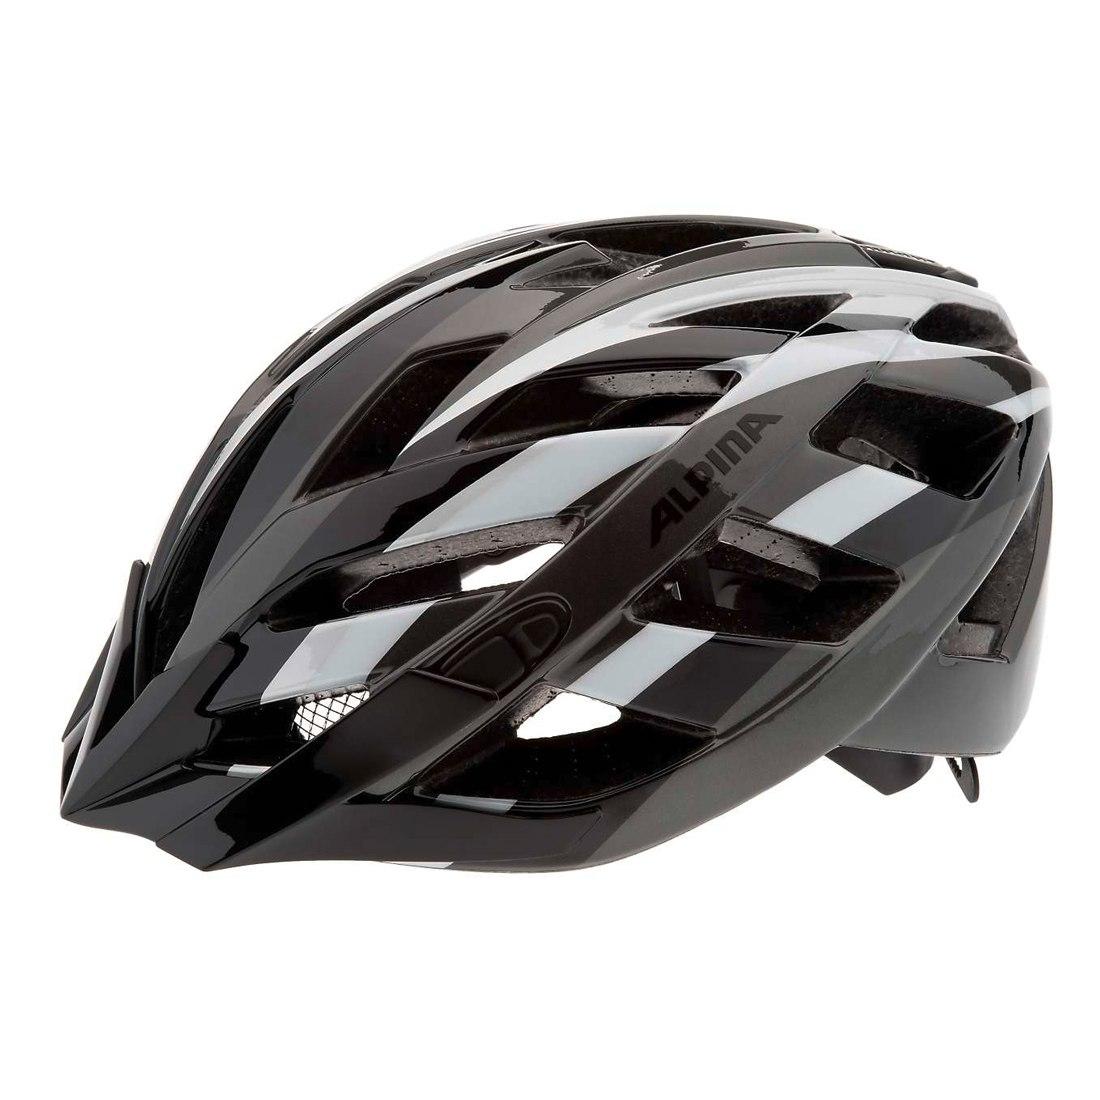 Купить Летний шлем Alpina TOUR Panoma black-titanium-white, Шлемы велосипедные, 1180053